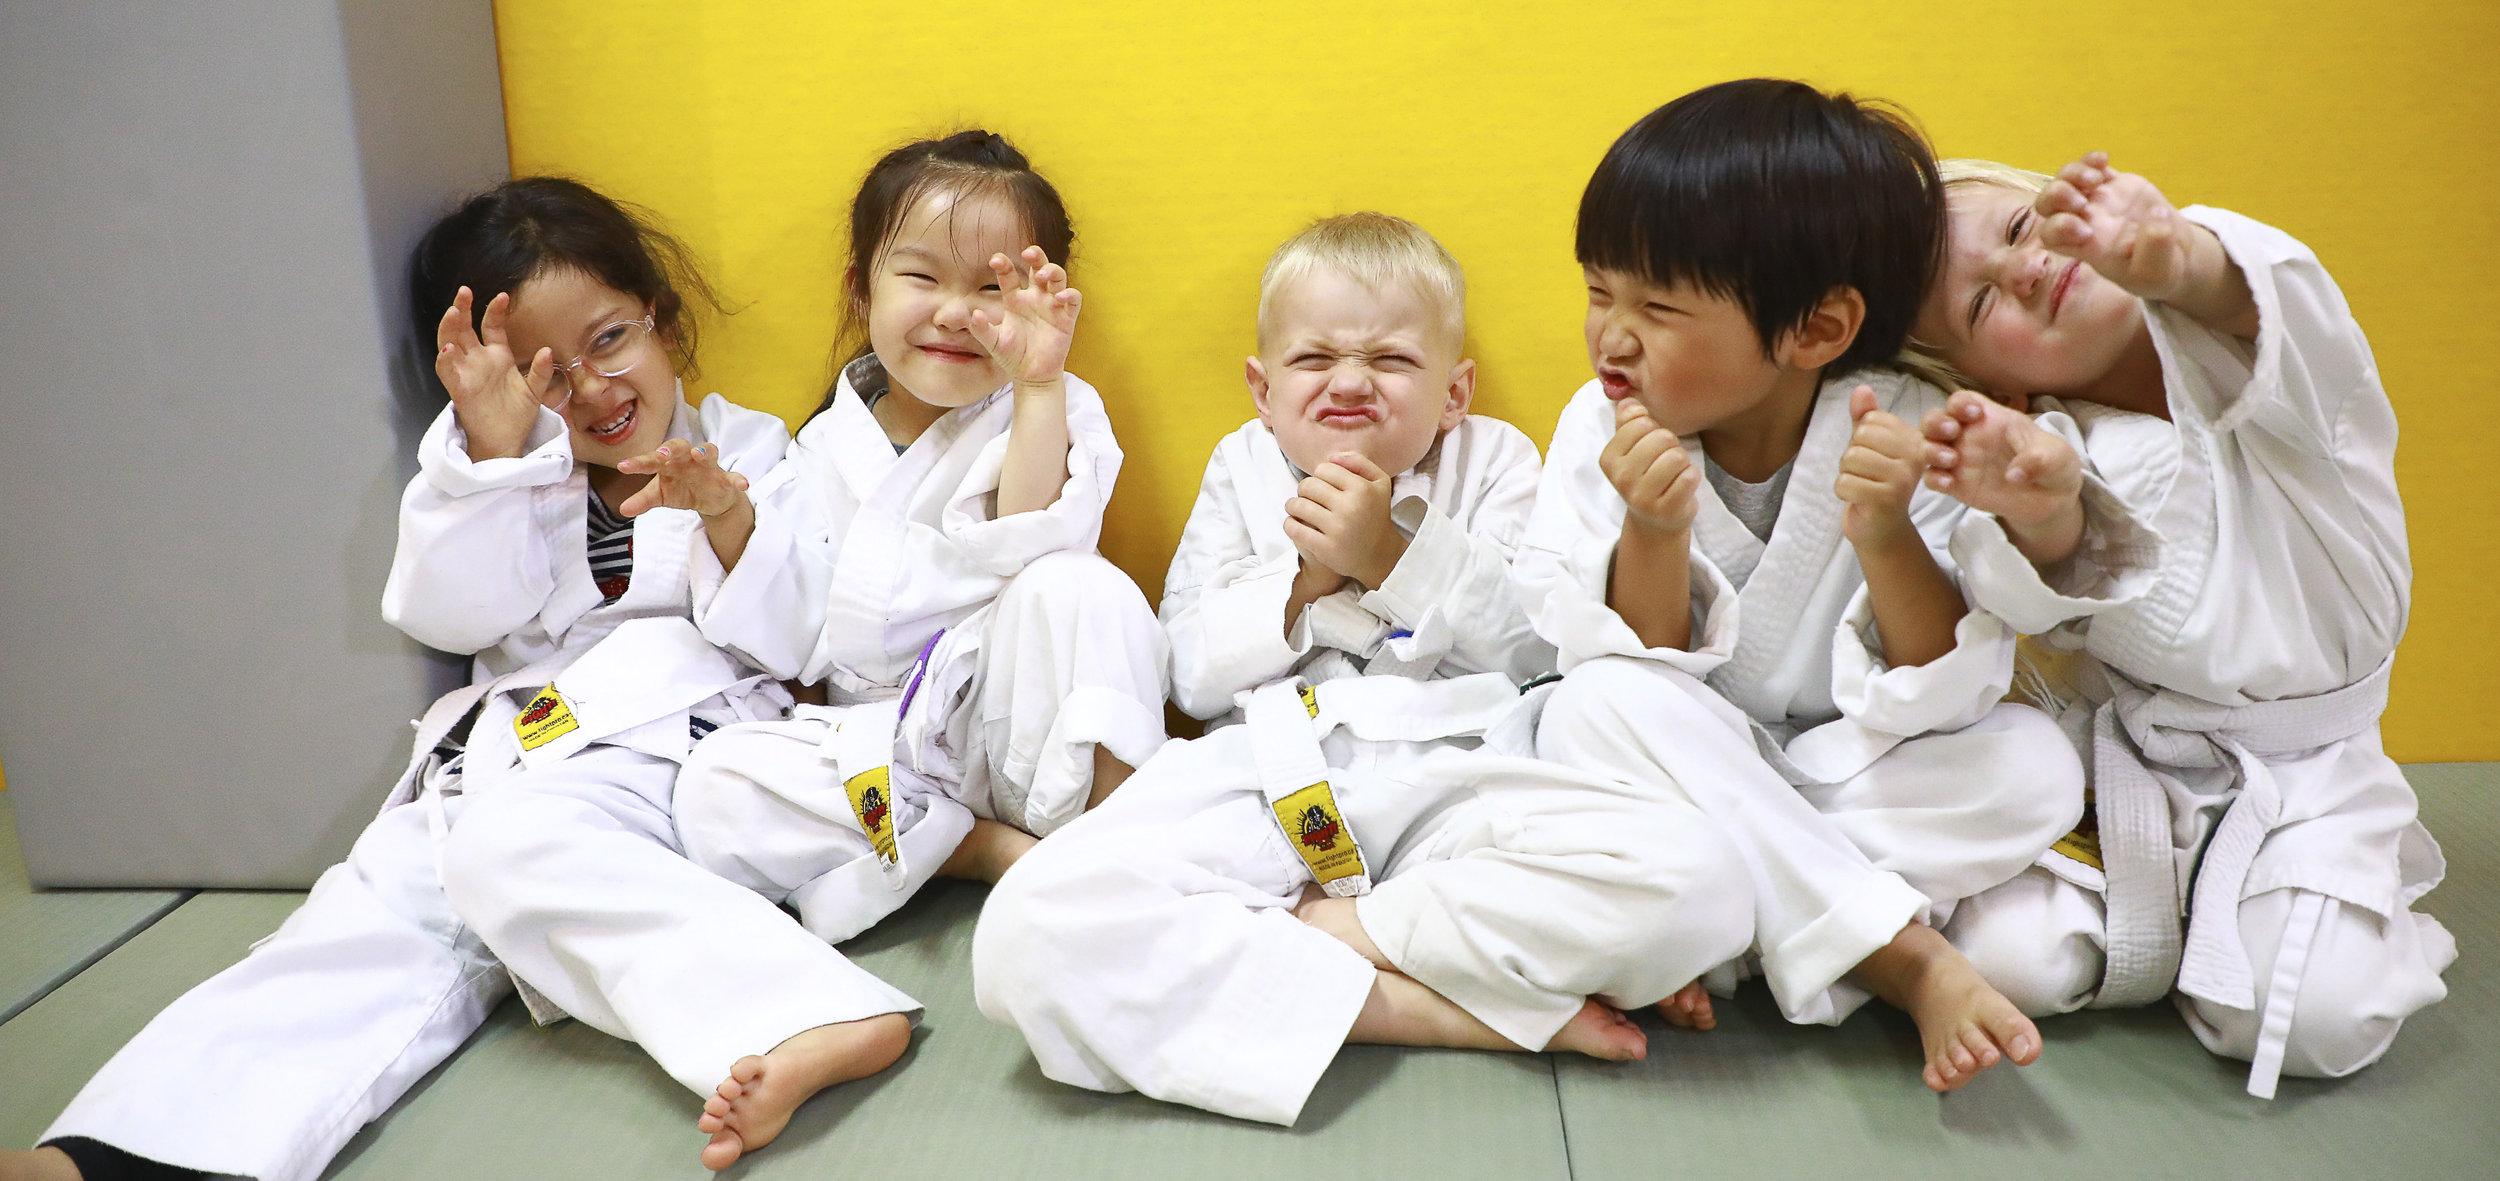 Kinder Jitz: 4-6 yrs